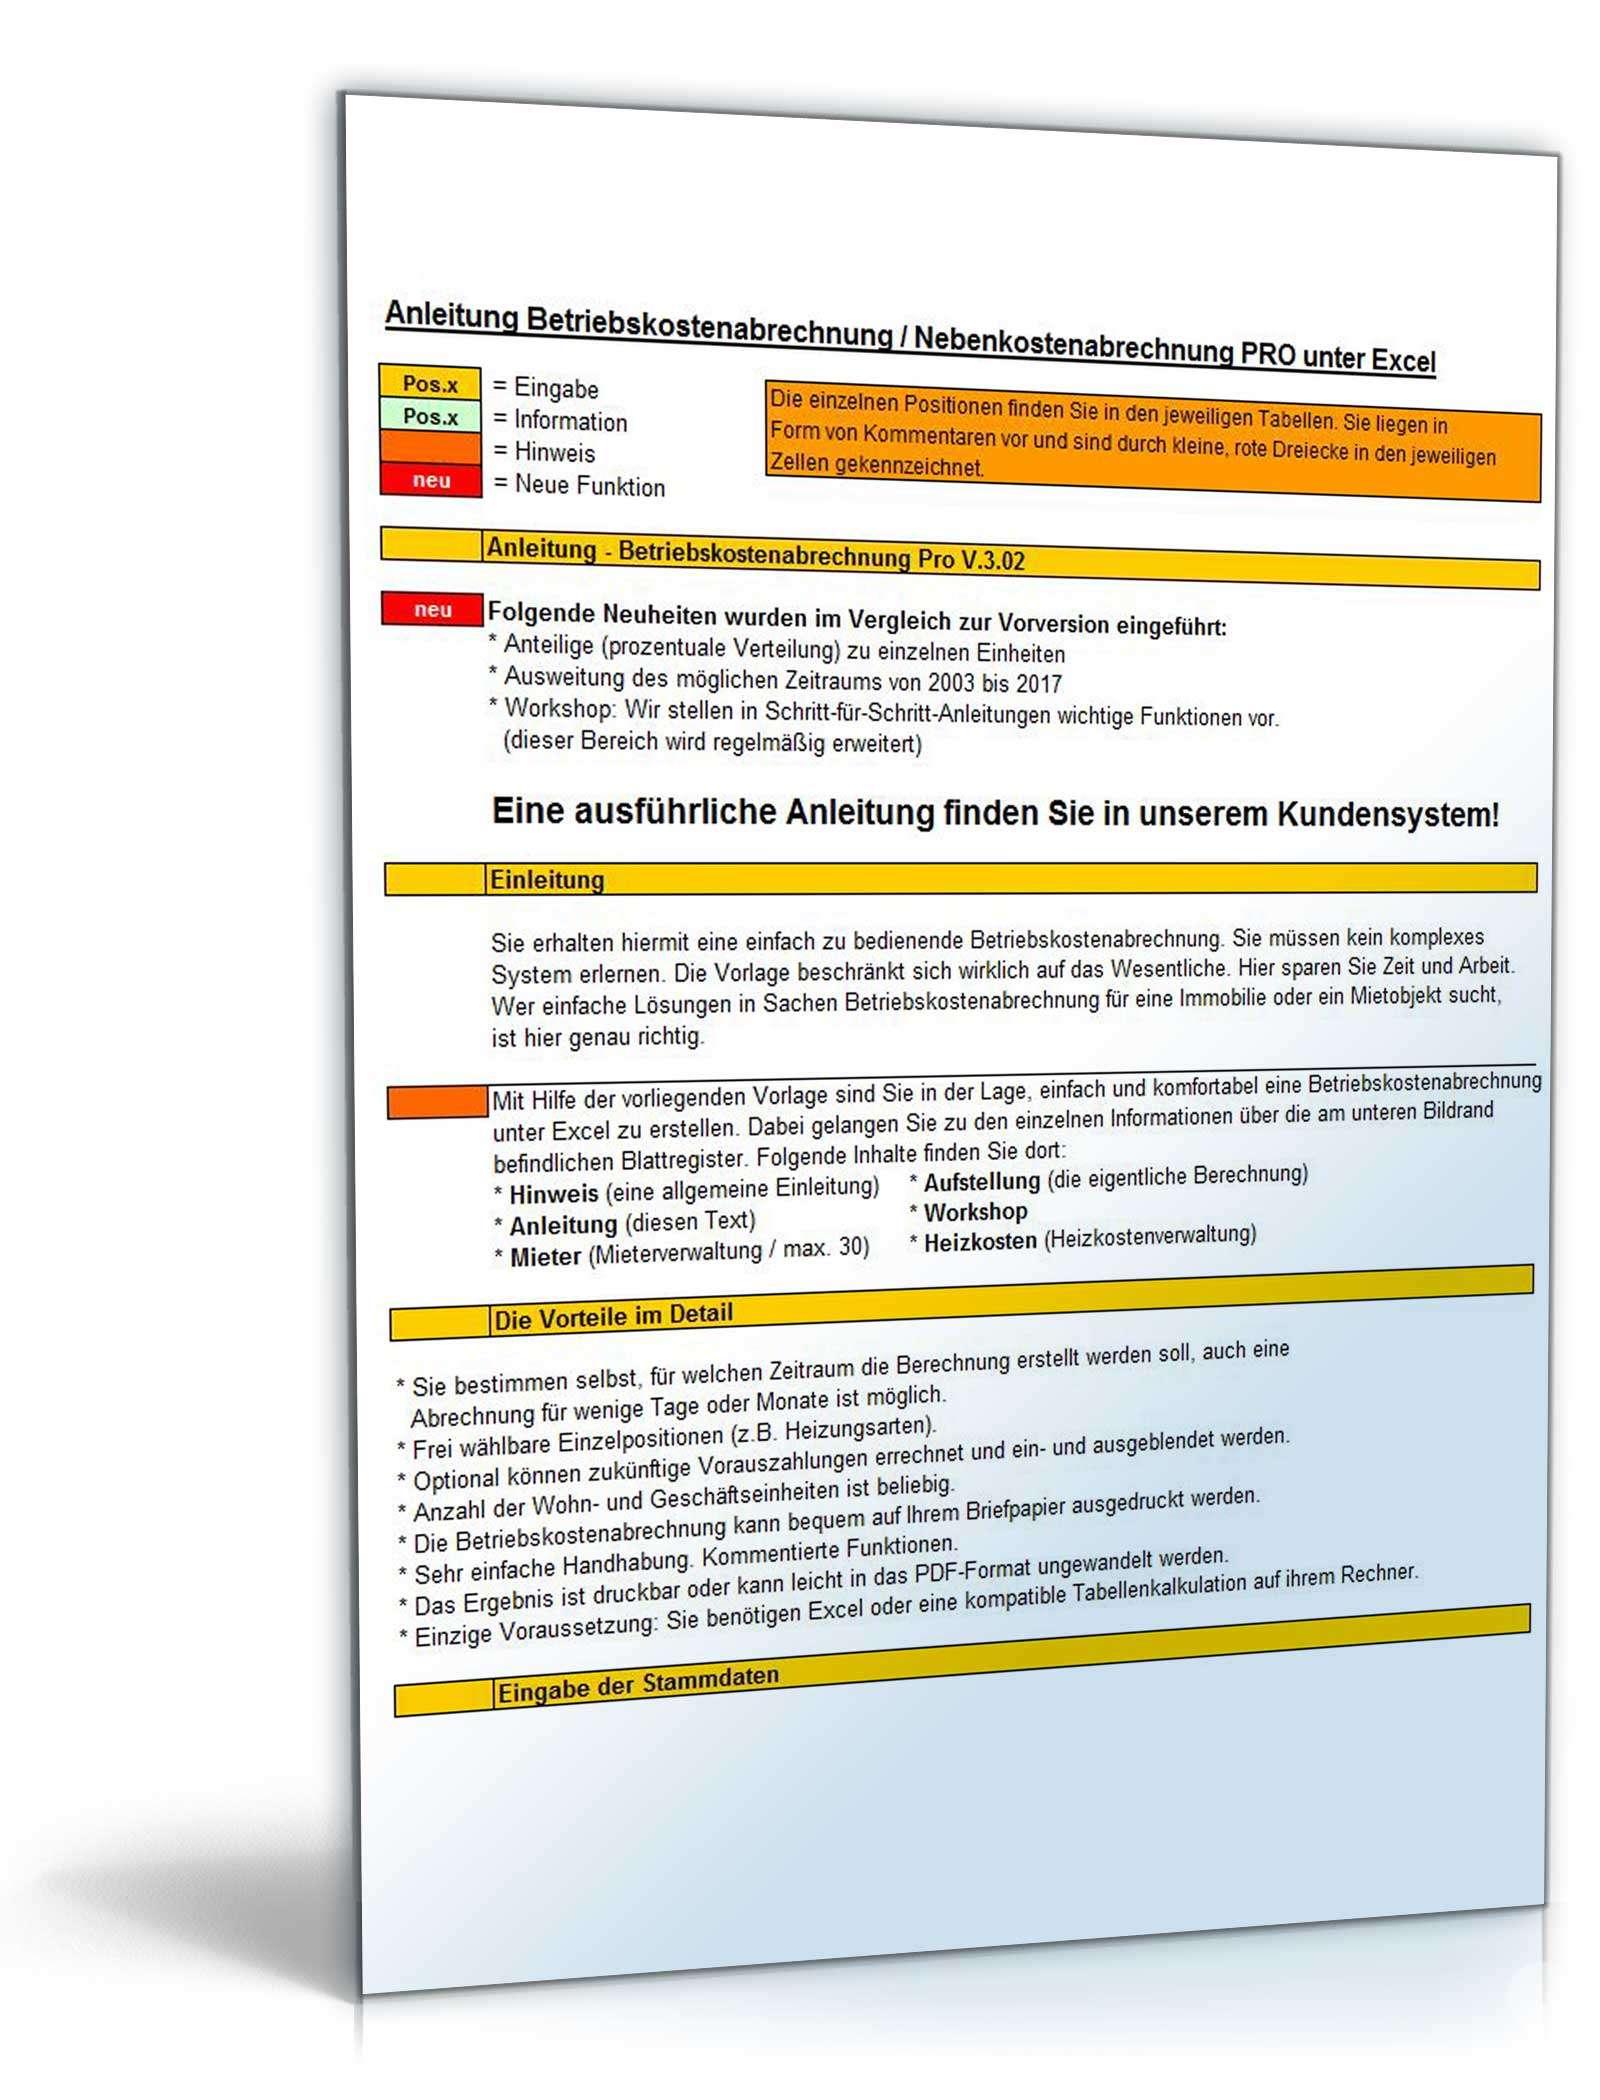 betriebskostenabrechnung pro anleitung - Nebenkostenabrechnung Muster Excel